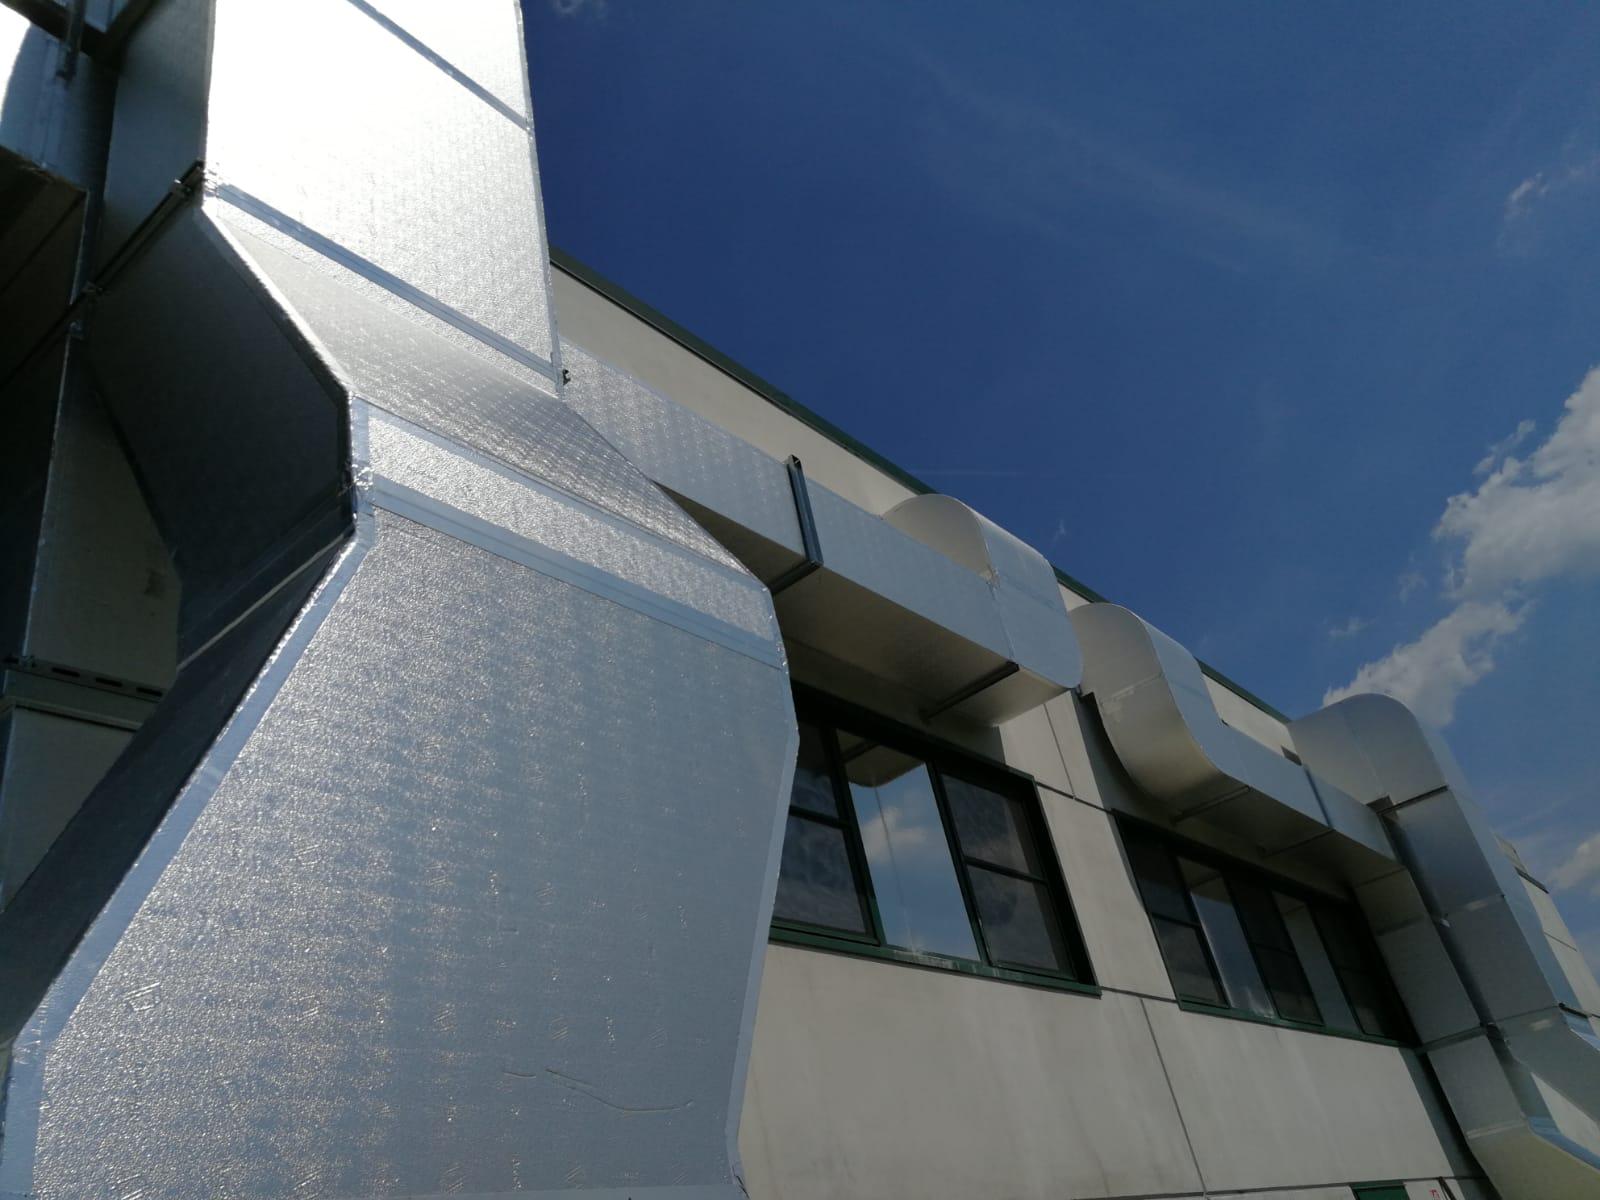 Impianto ventilazione condizionata Eurobrico Brescia 8